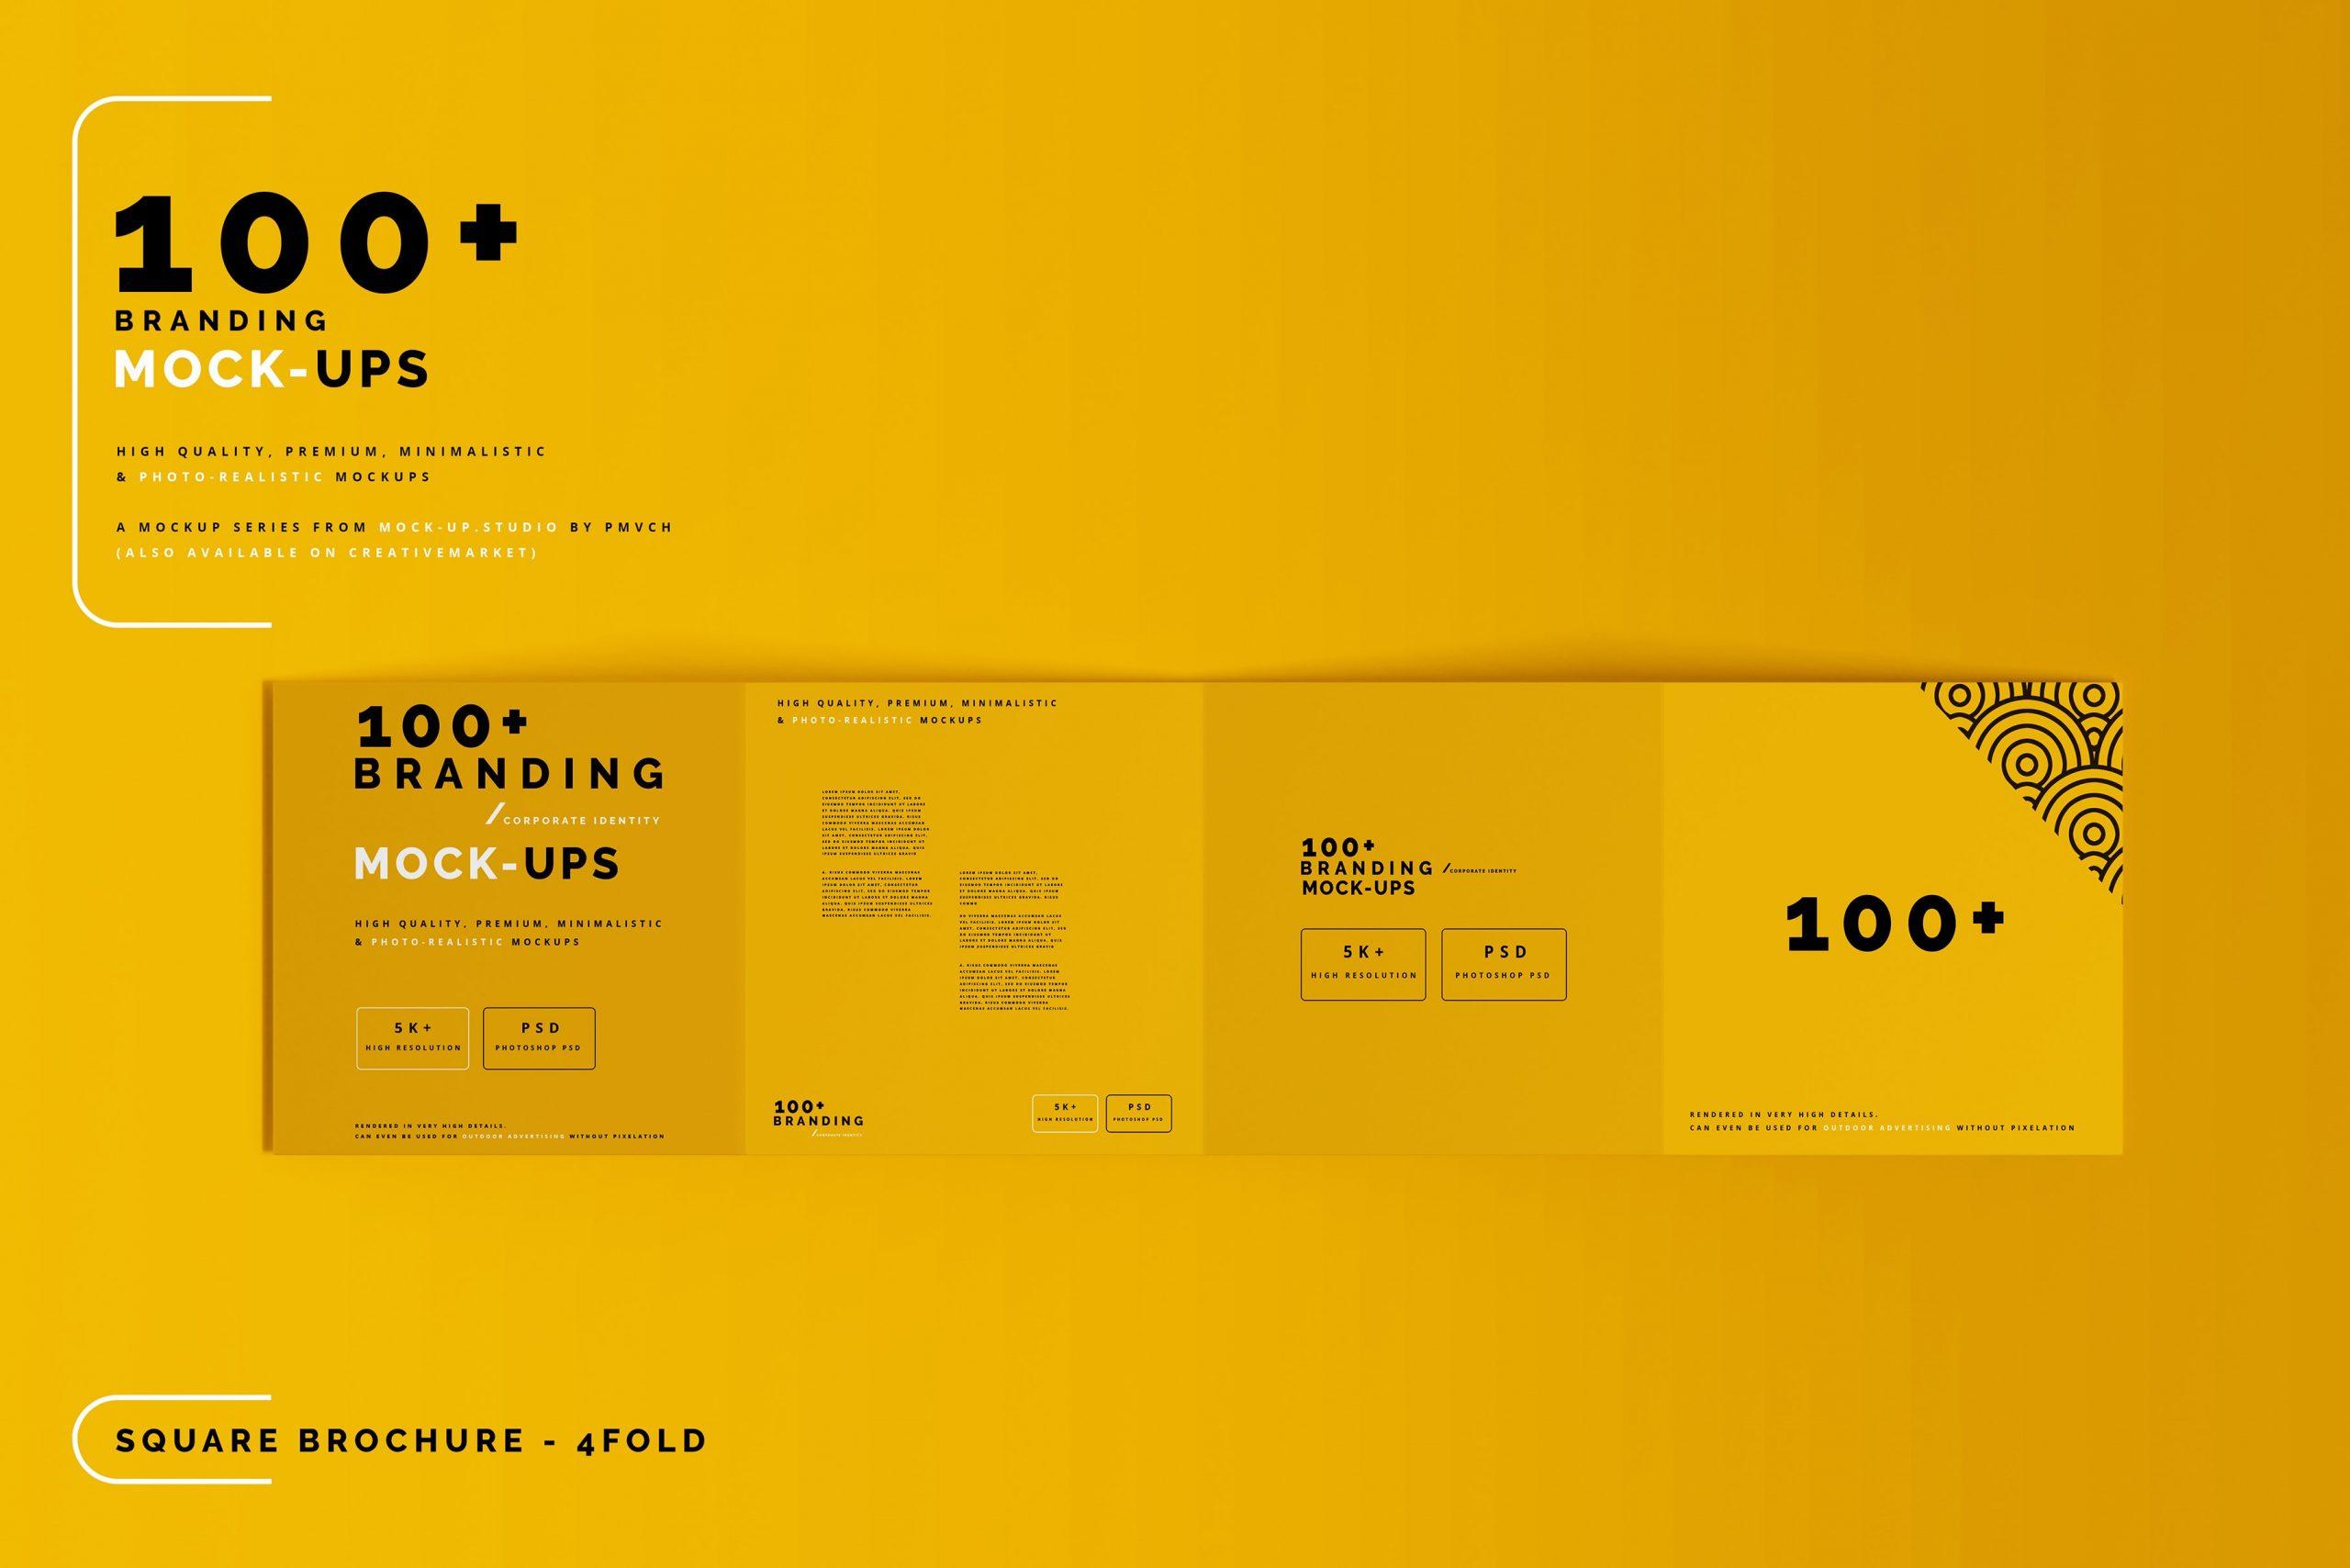 VI样机:100多个宣传册书籍瓶子名片CD封套咖啡杯化妆品海报横幅高分辨率品牌PSD样机(4248)插图(9)